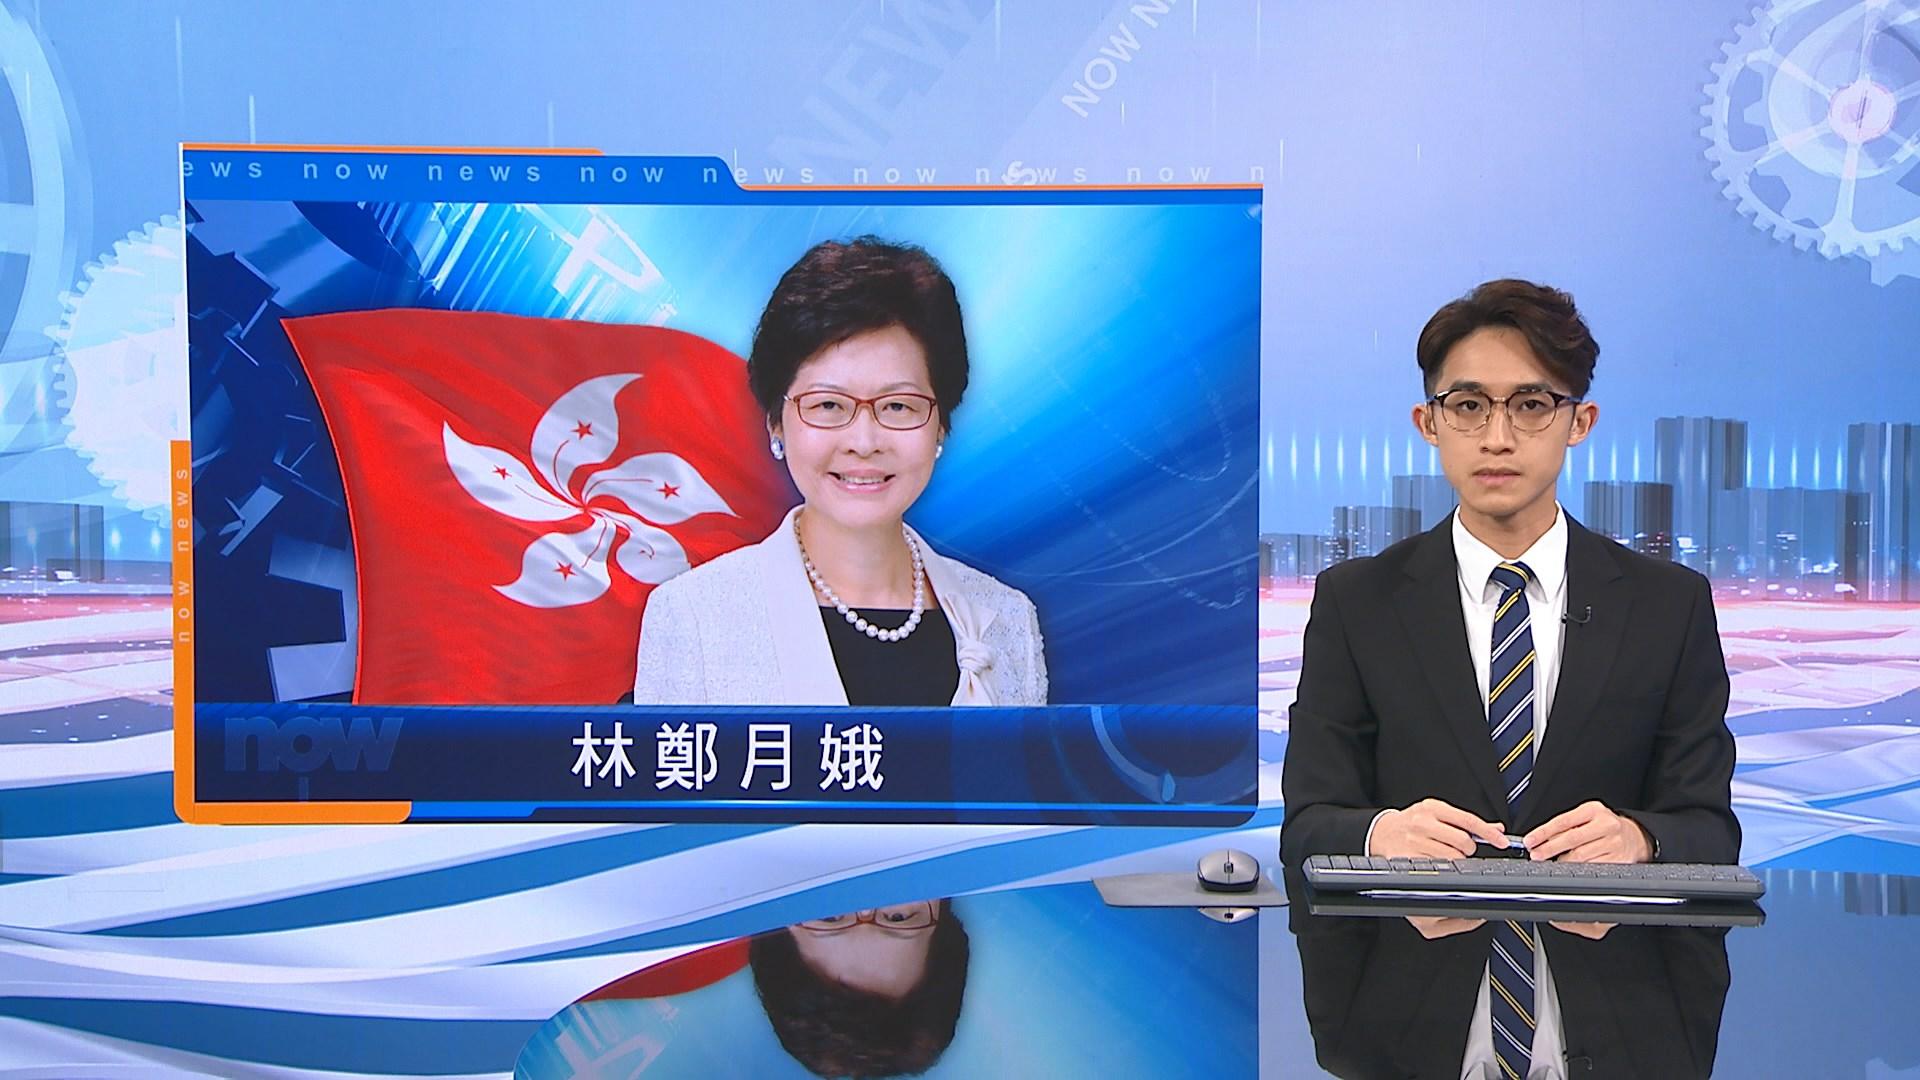 林鄭與教育界會晤致歉 承諾修補年輕人關係